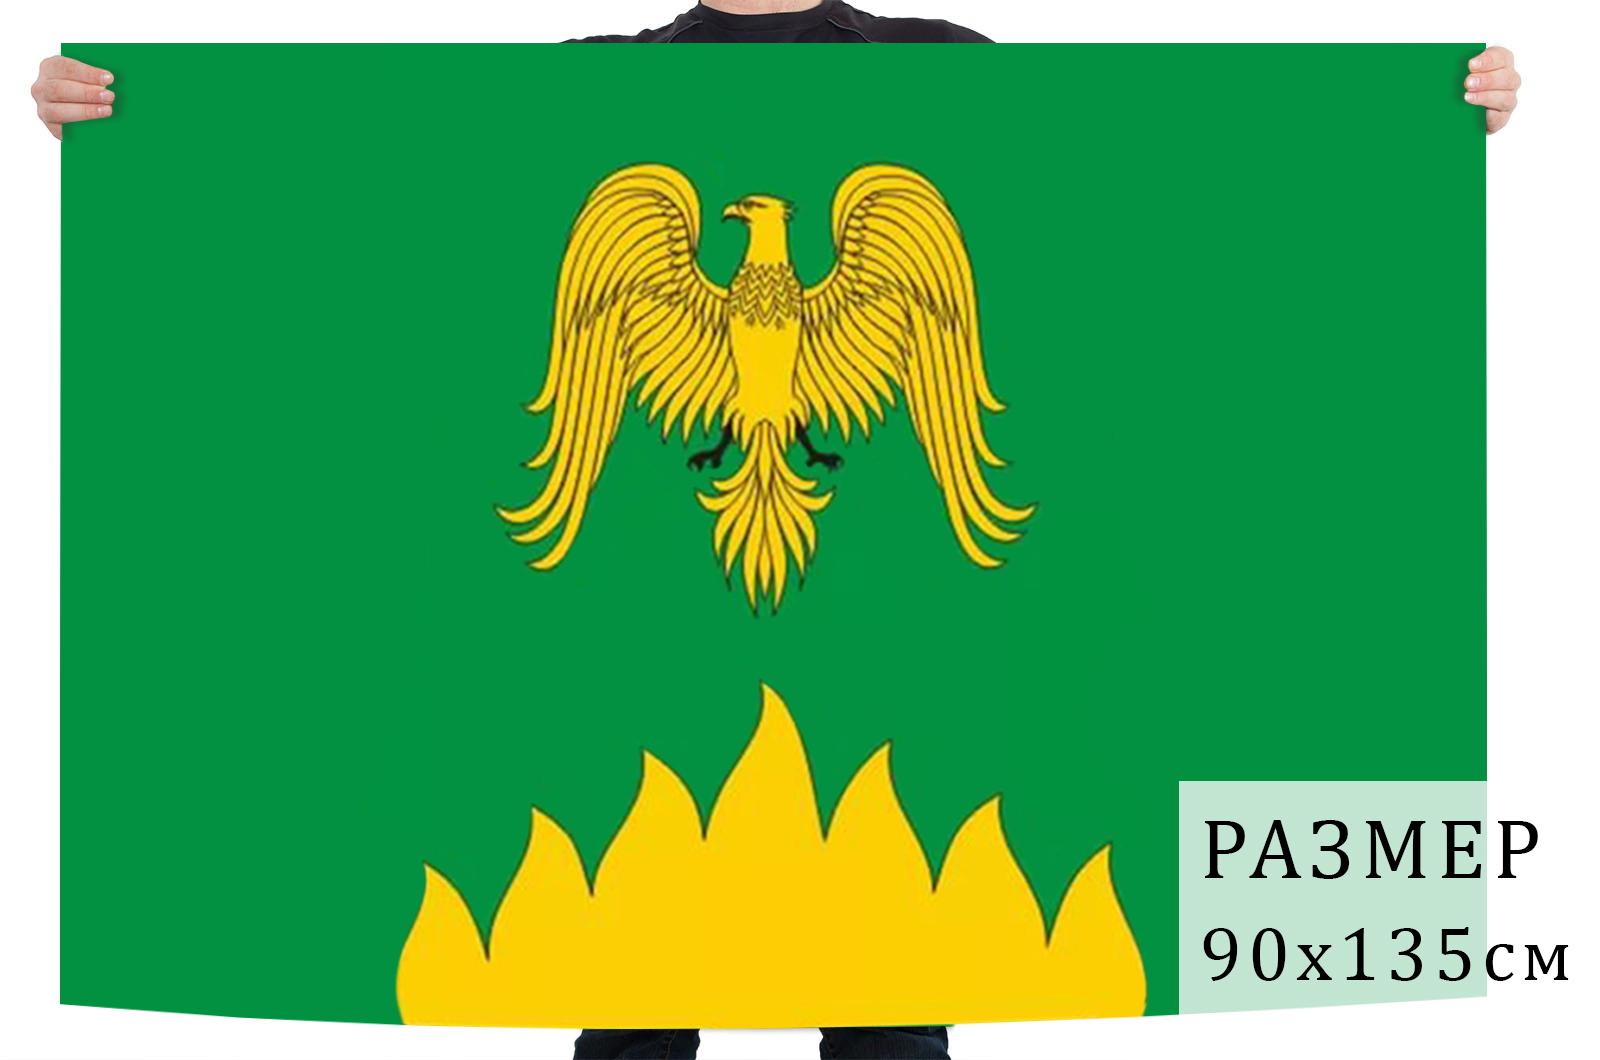 Флаг муниципального образования Раменки г. Москва